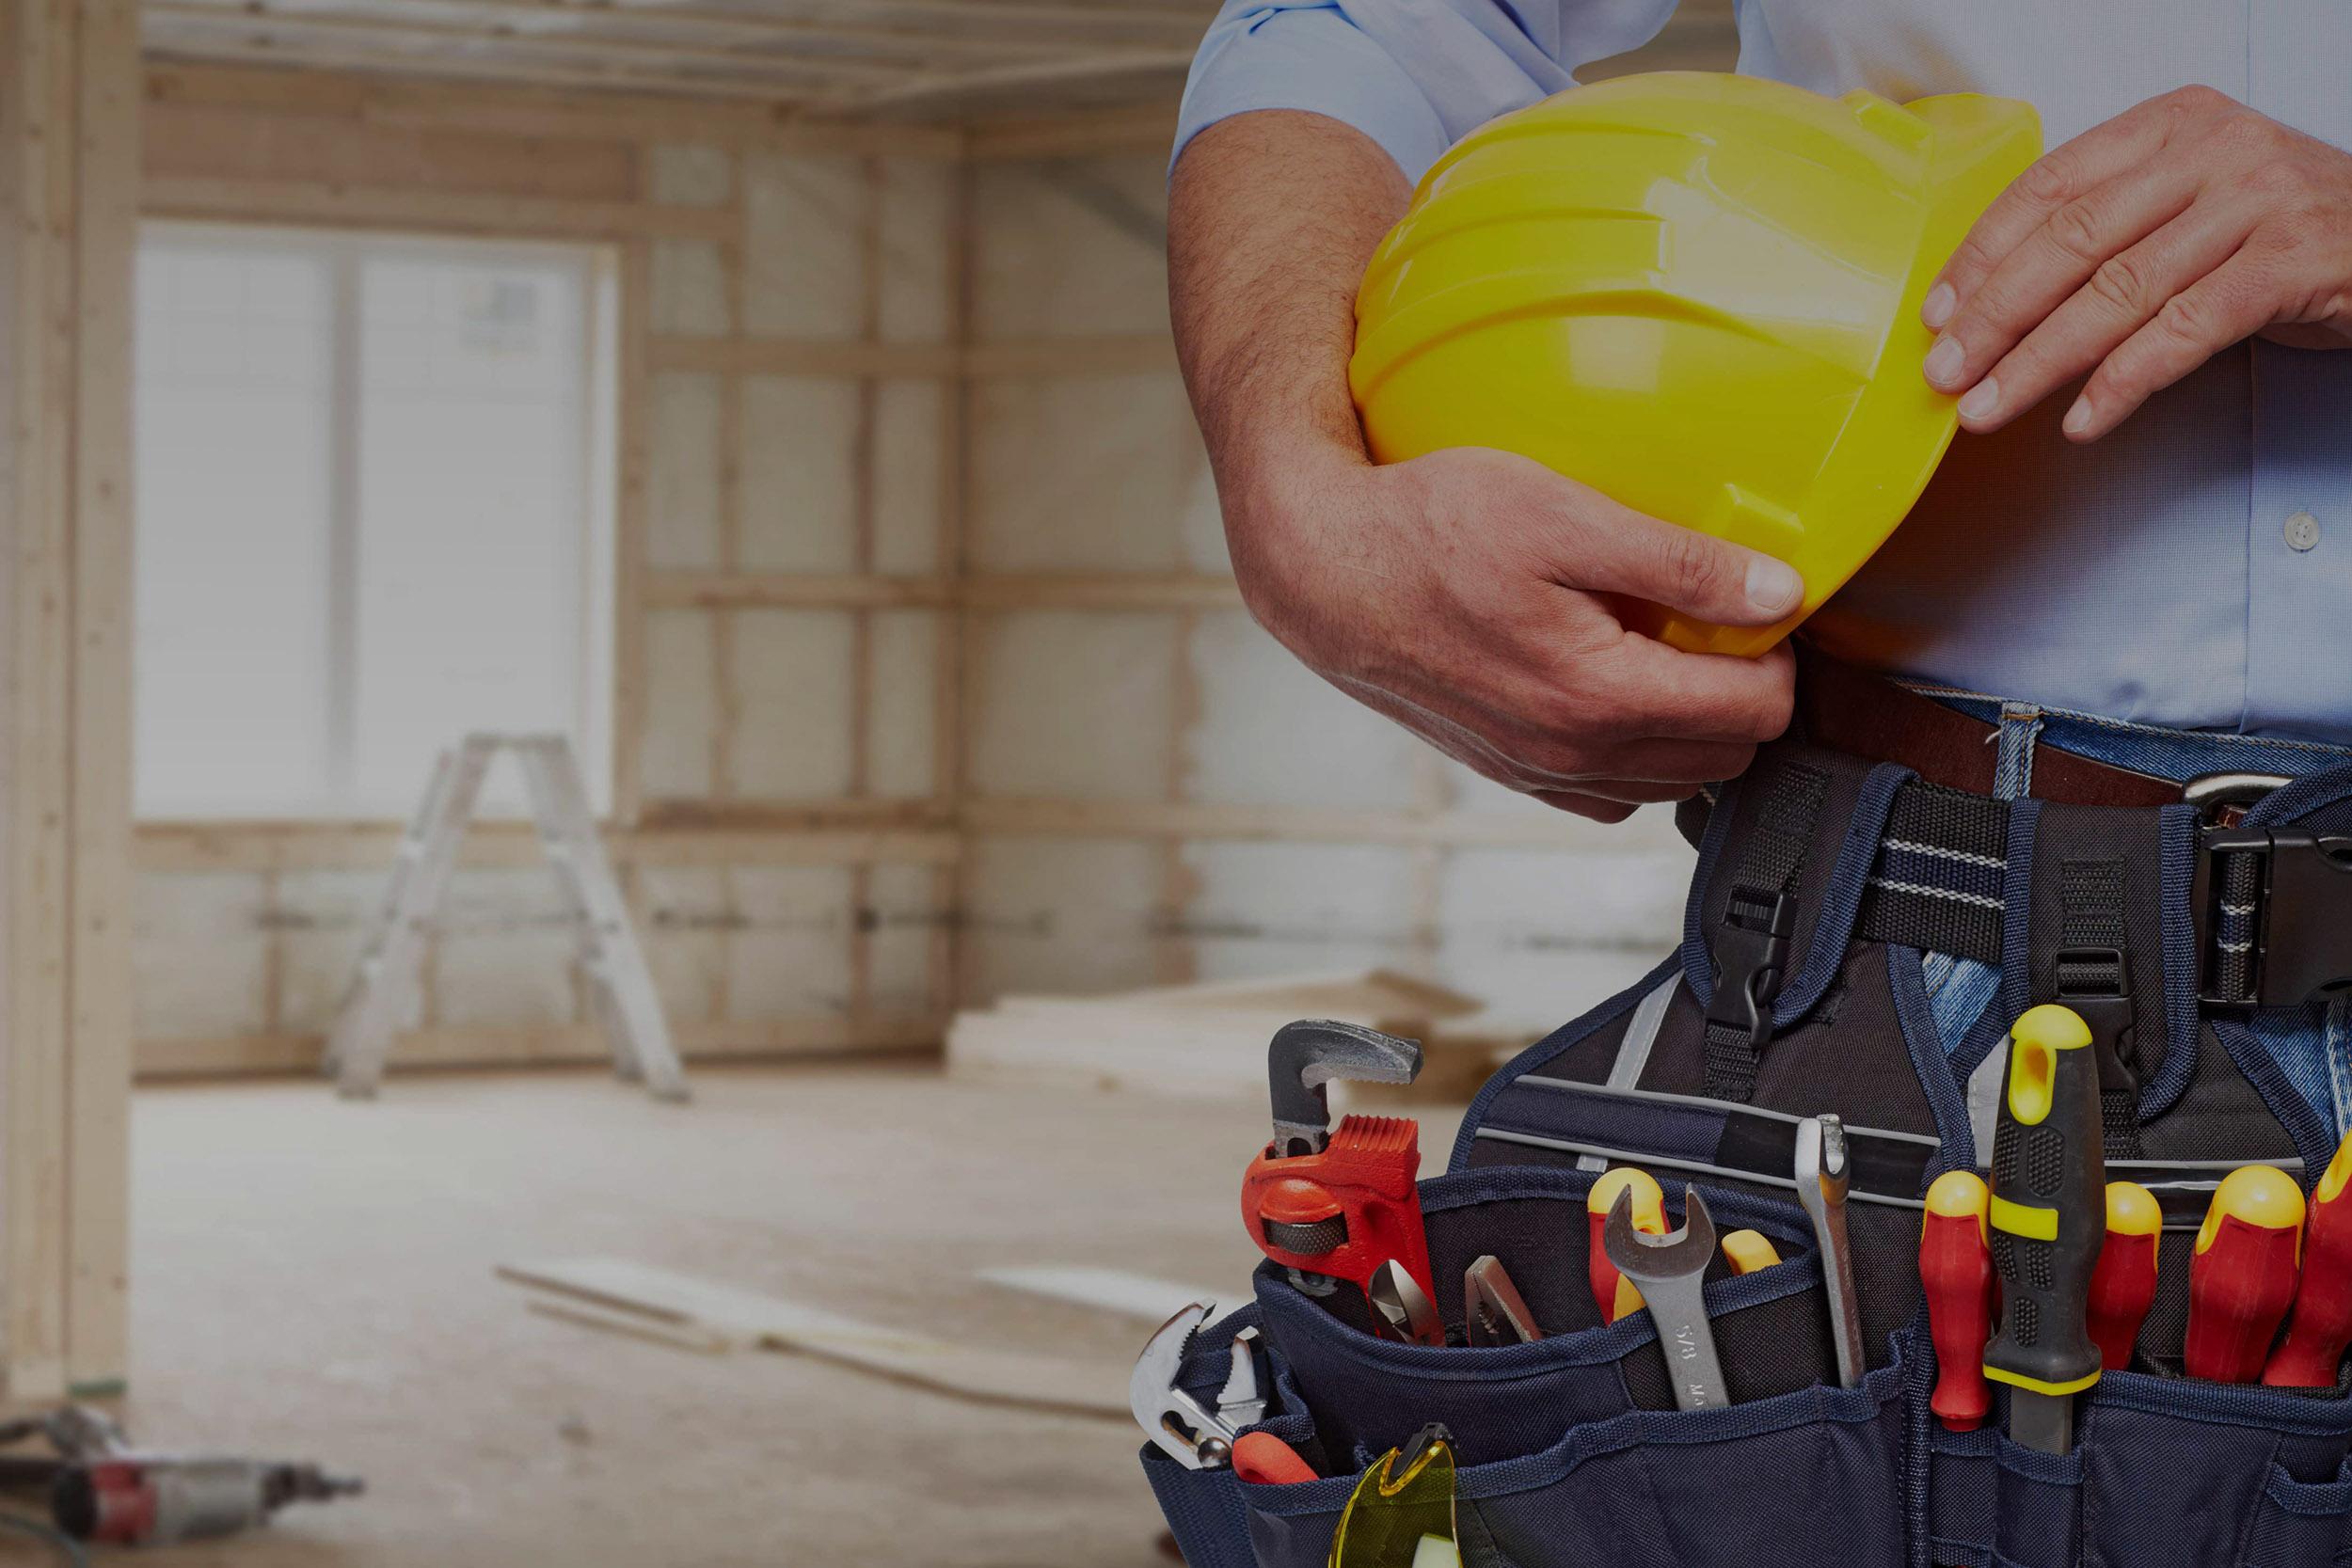 Chlap držící přilbu na stavbě